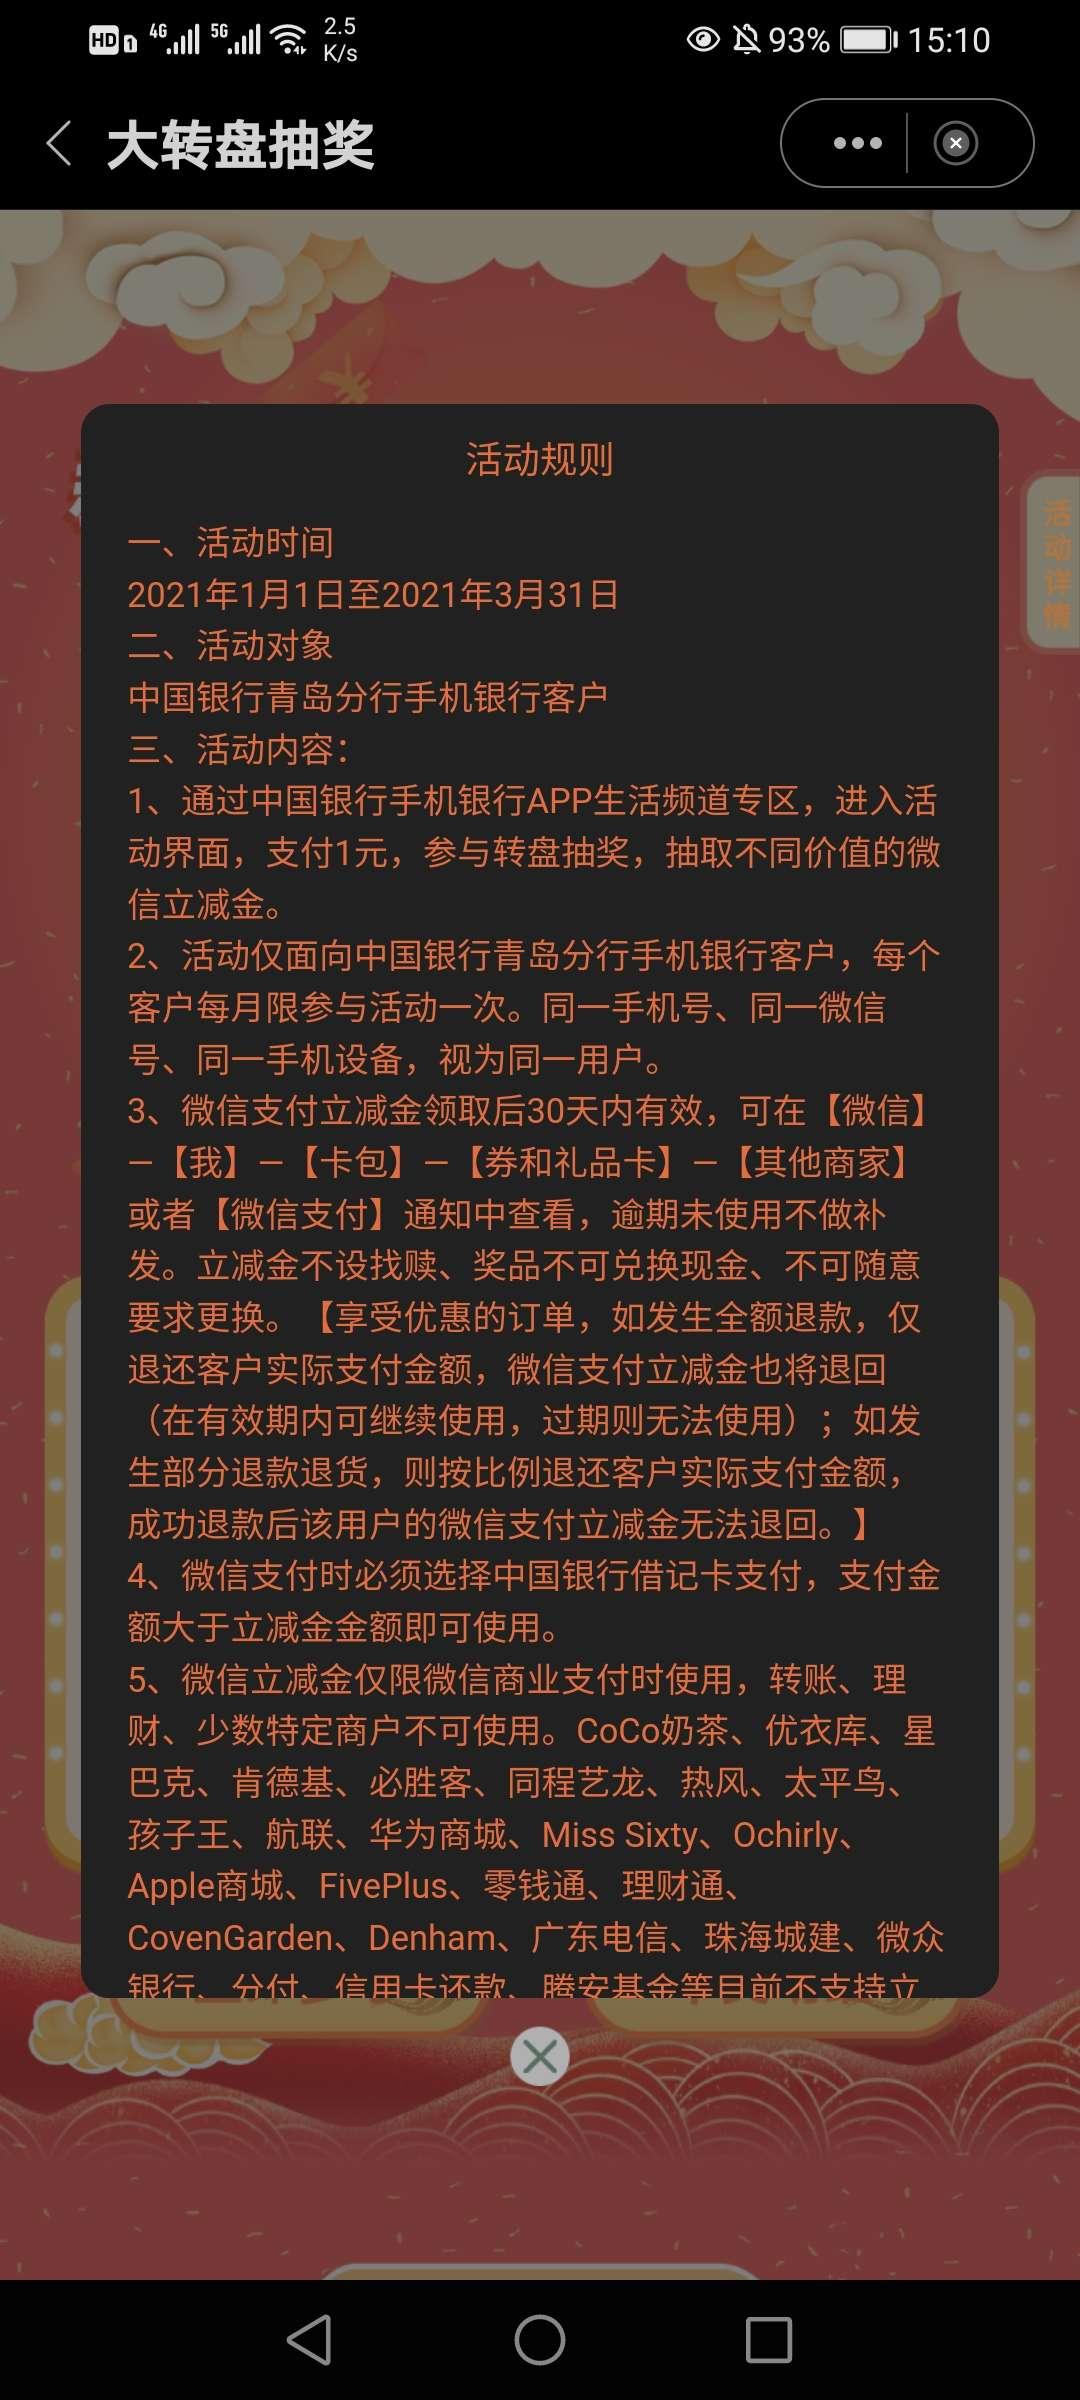 图片[2]-中国银行抽立减金,必得5元-老友薅羊毛活动线报网